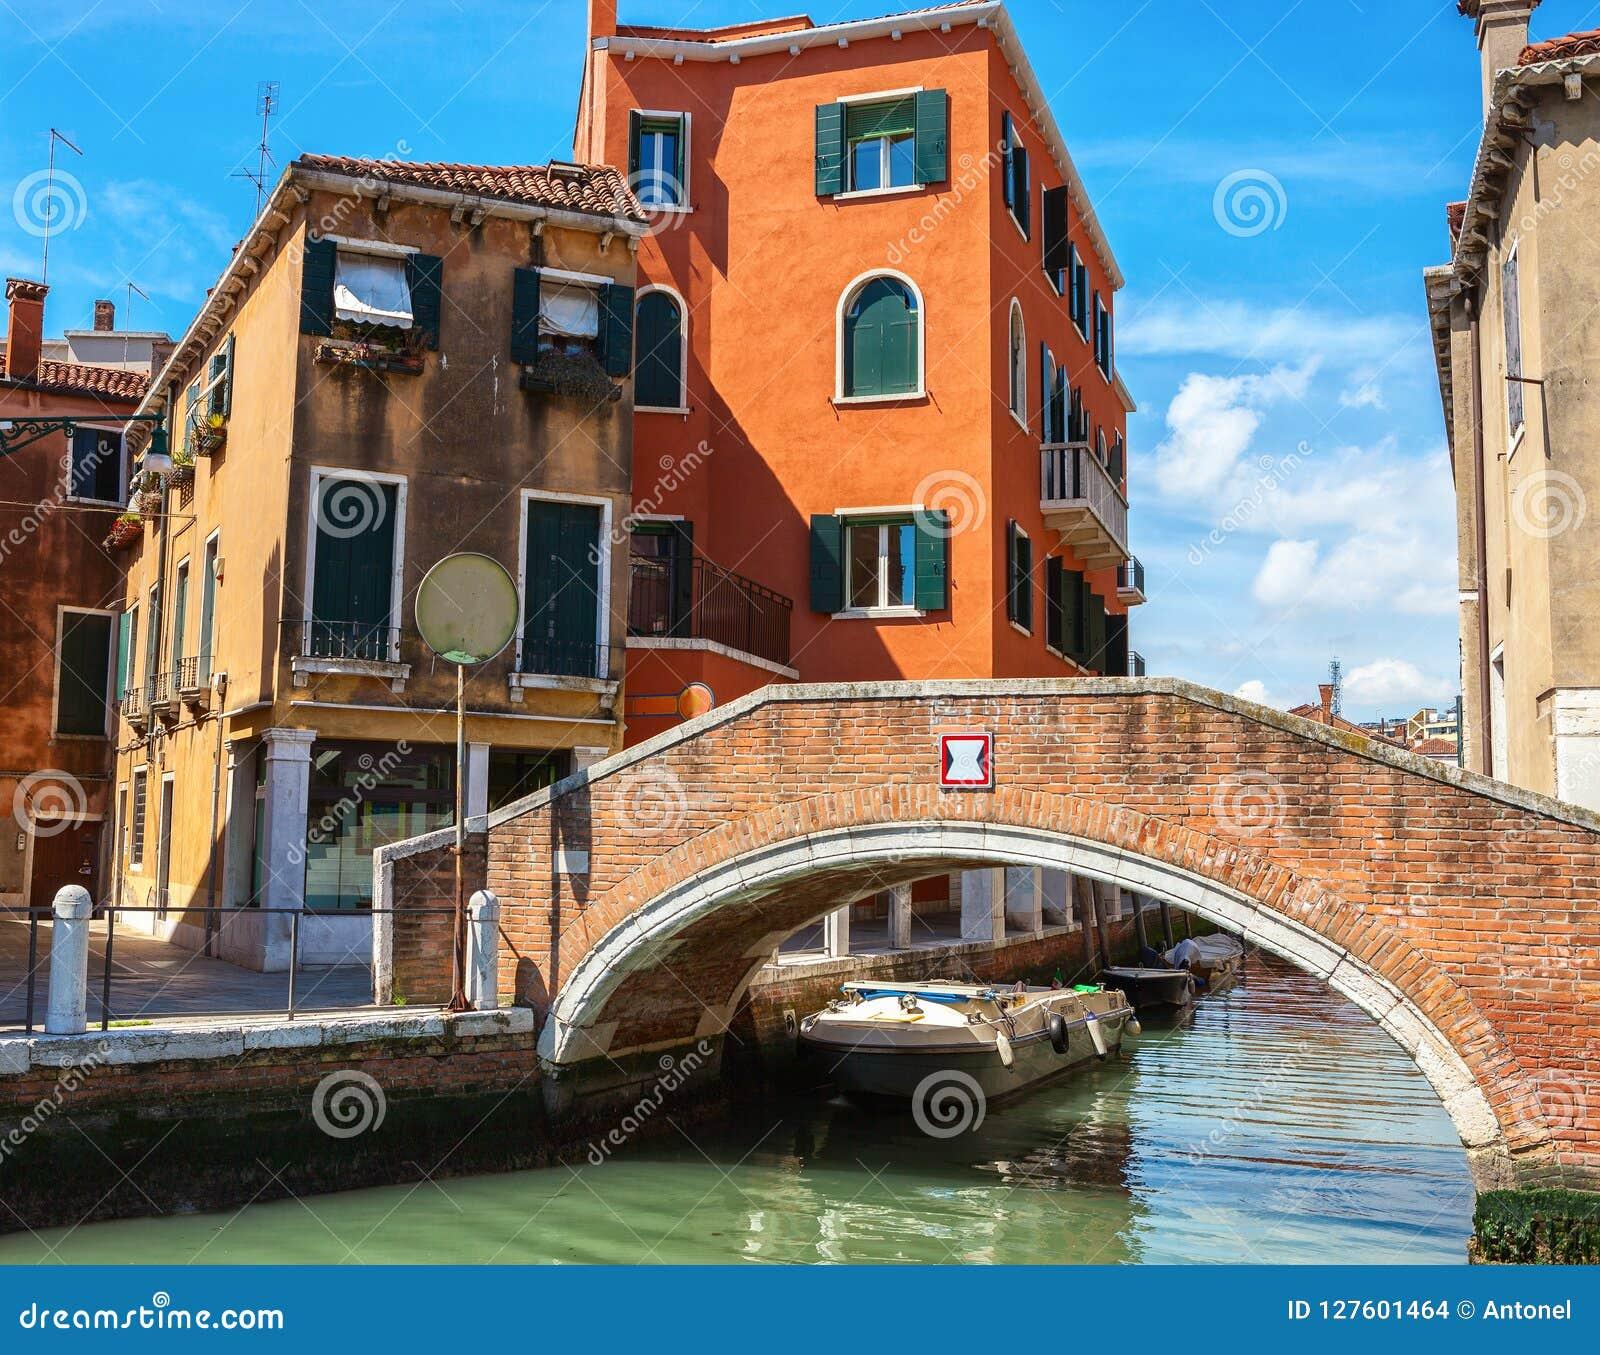 Canal veneciano entre los edificios viejos y la pequeña pasarela del ladrillo en el primero plano, Italia